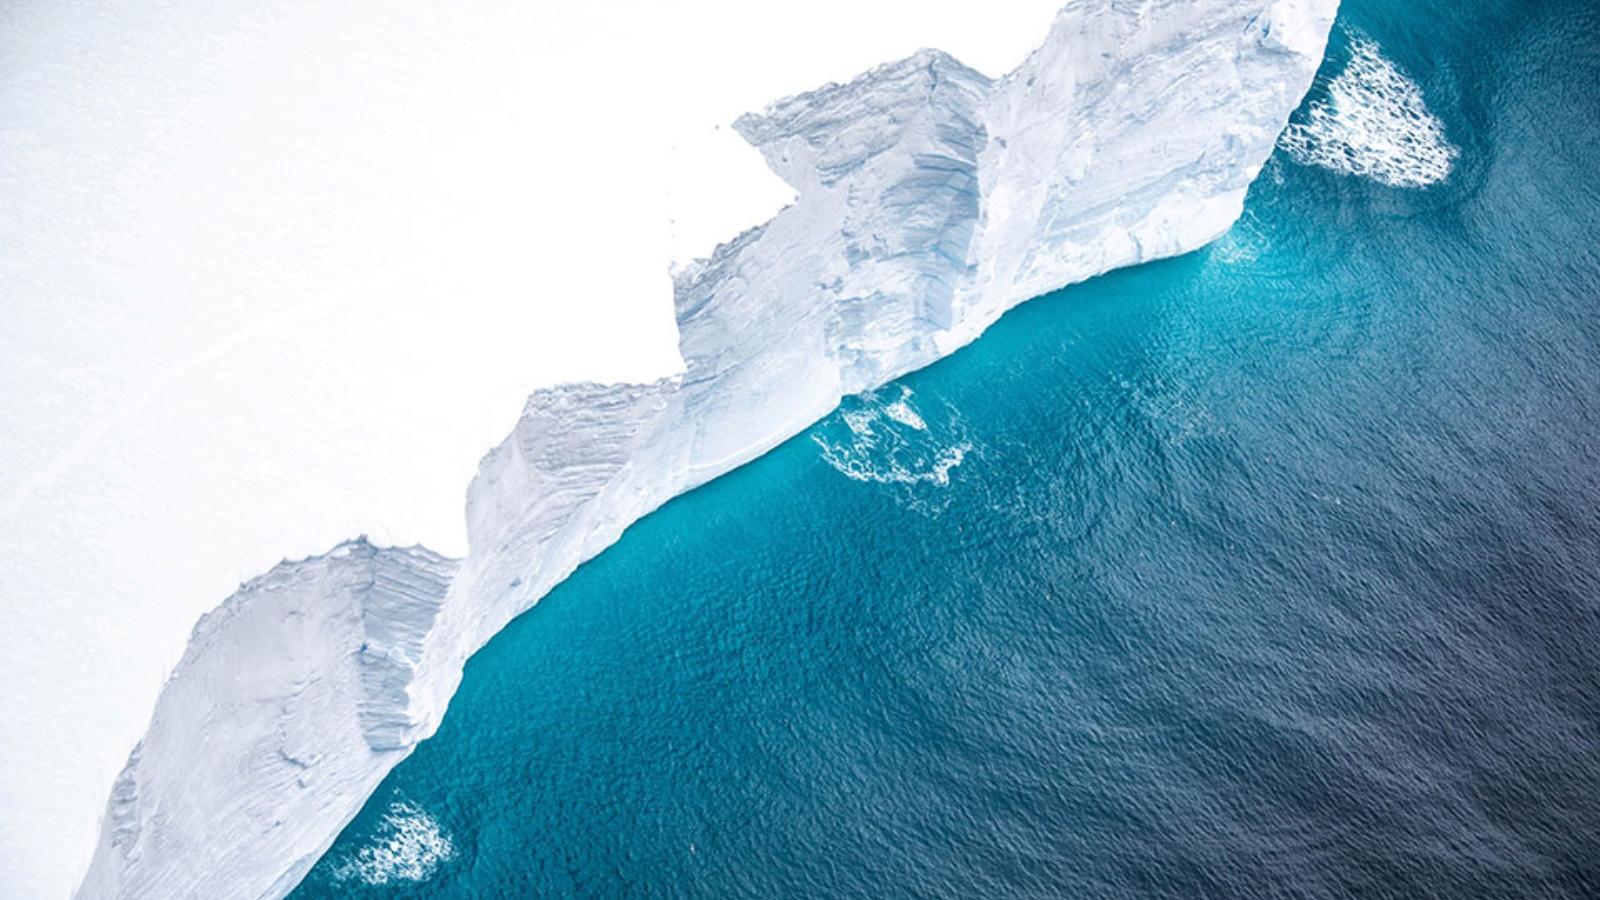 Κλιματική αλλαγή: Ρεκόρ ζέστης στην Ανταρκτική το 2020